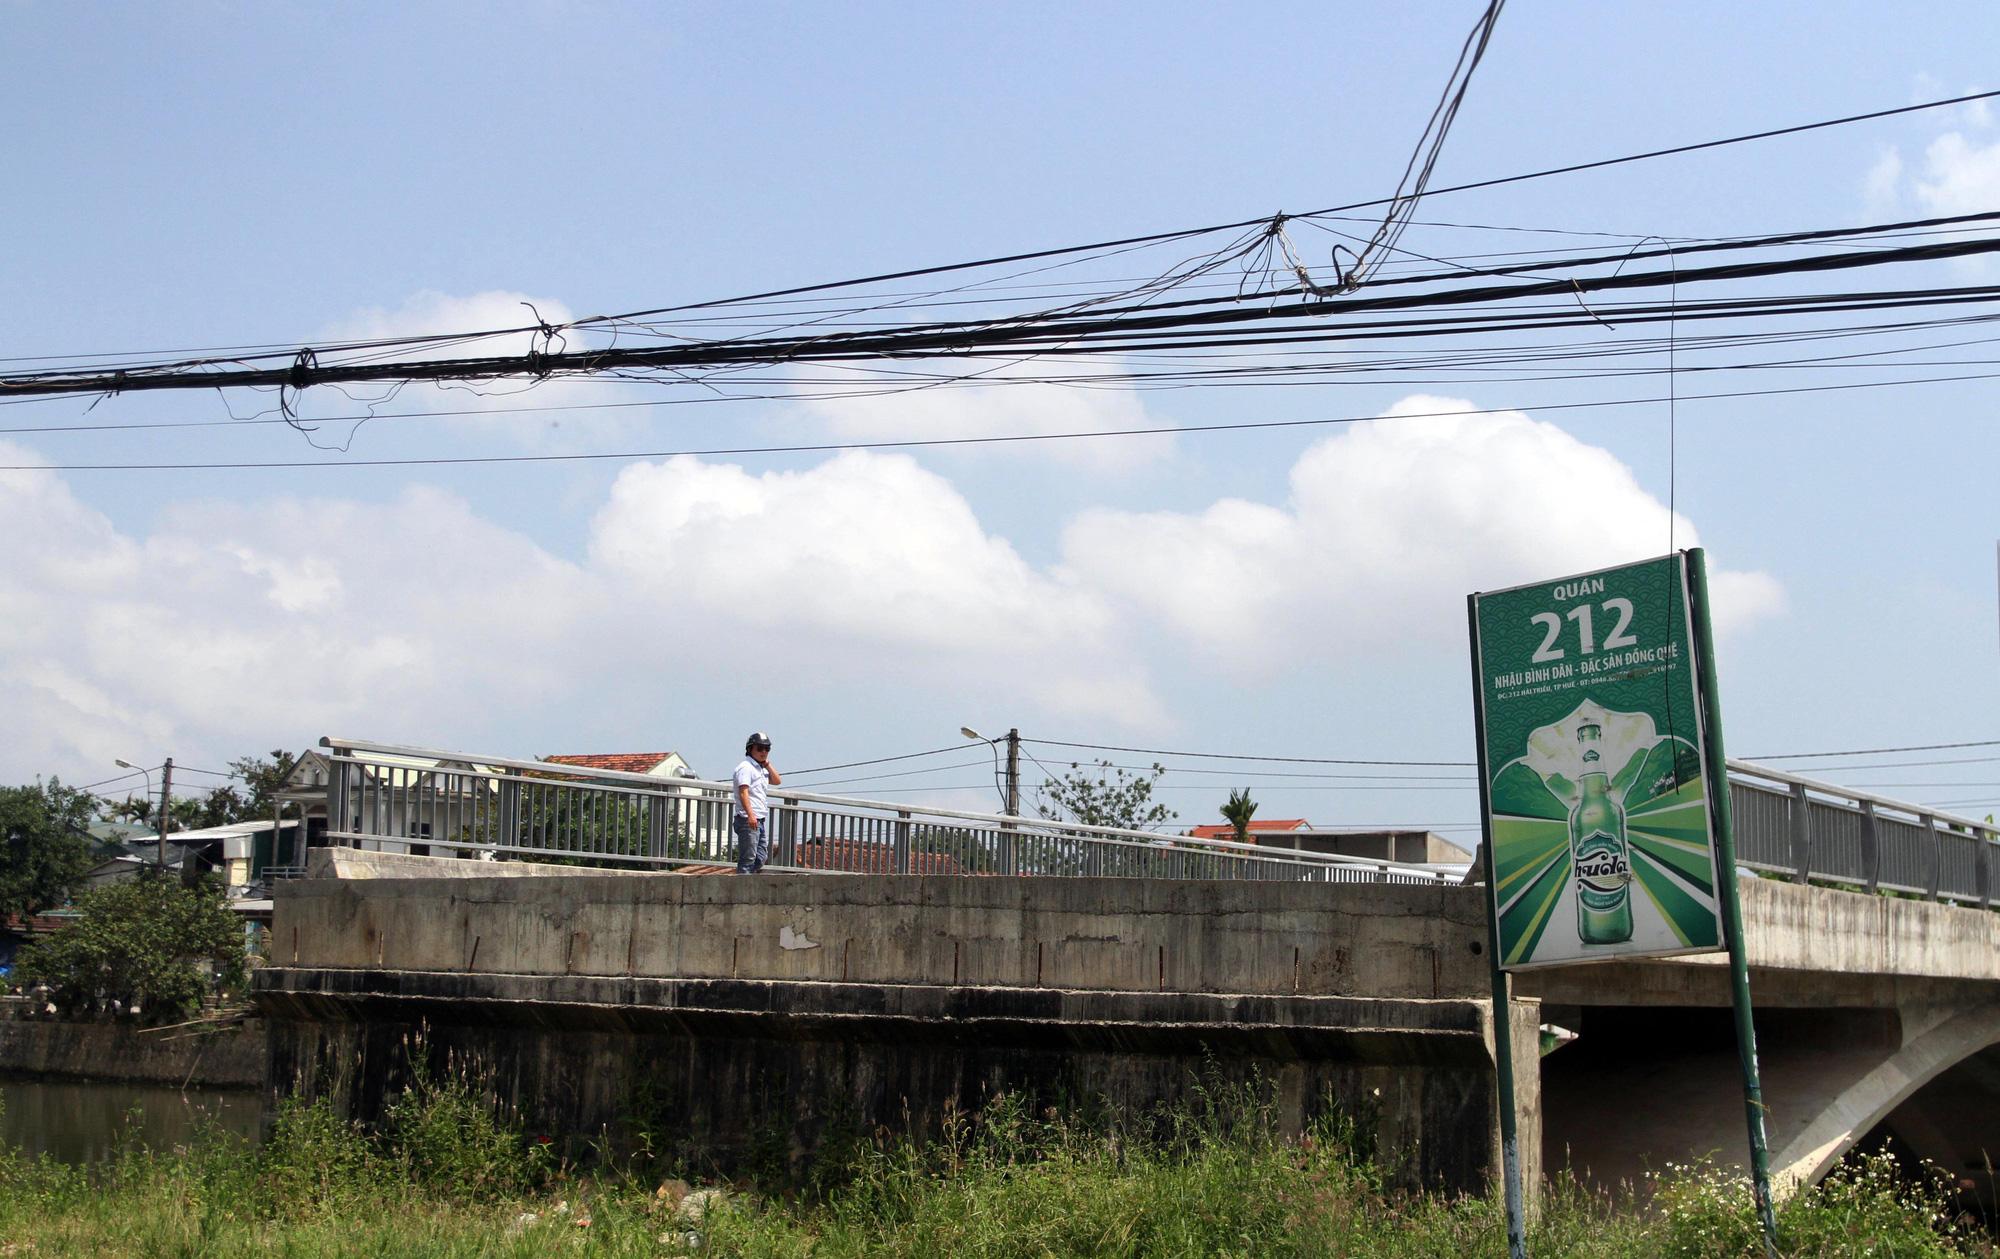 ẢNH: Cầu 32 tỷ xây xong để hoang vì không có đường dẫn - Ảnh 3.